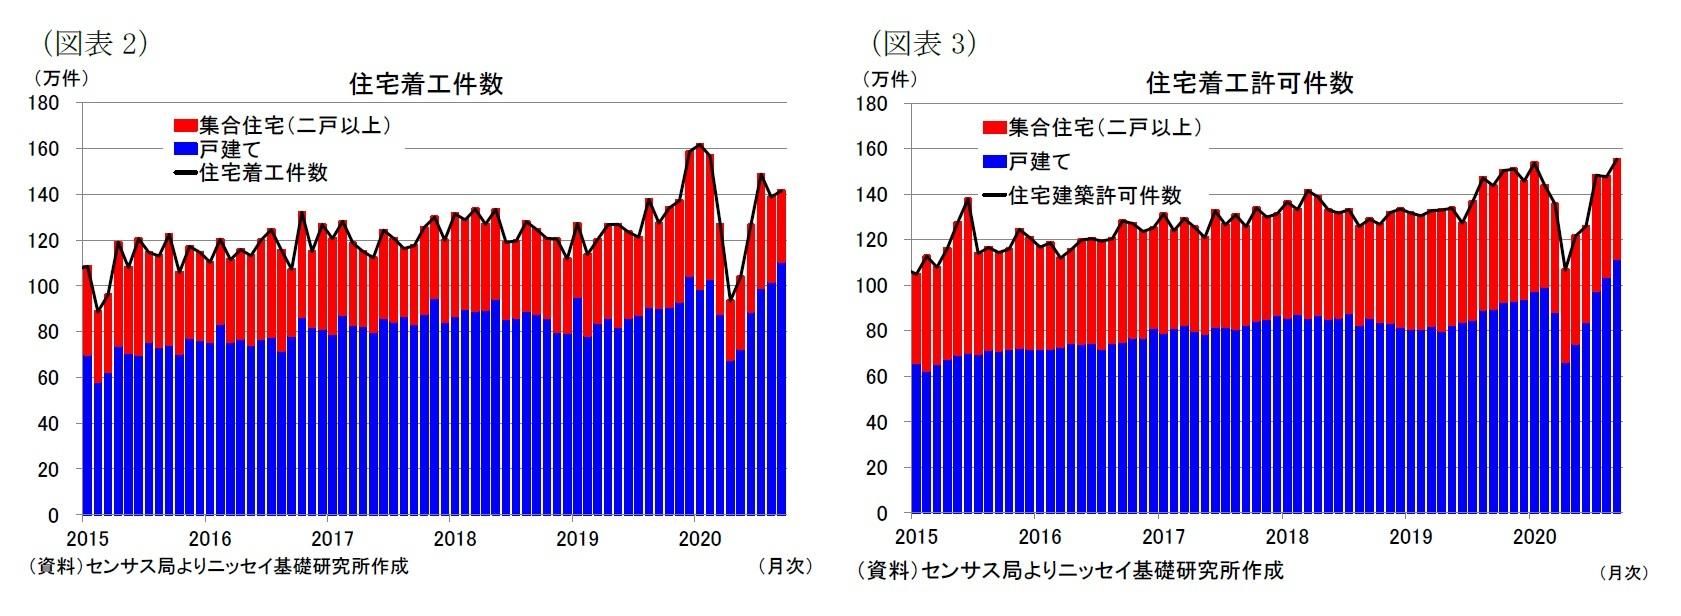 (図表2)住宅着工件数/(図表3)住宅着工許可件数